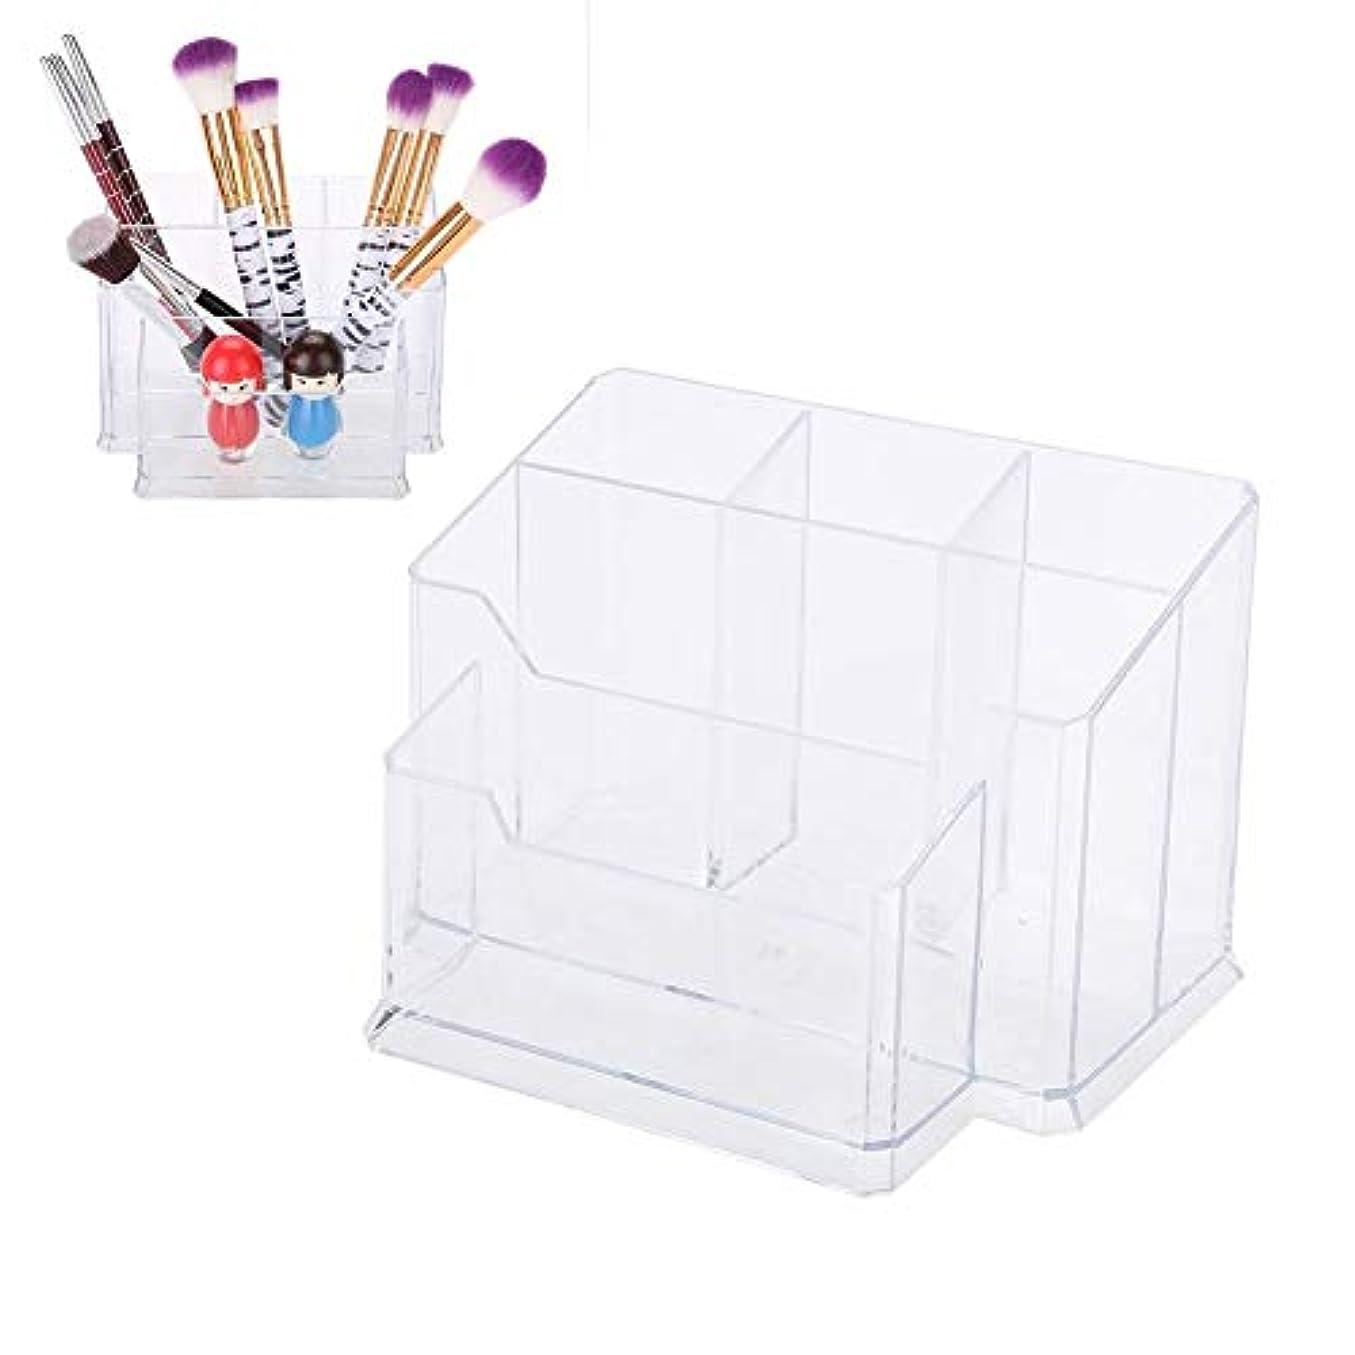 教科書平野農奴化粧ブラシ収納ボックス アクリル製 コスメ収納 スタンド 口紅 リップ 小物入れ 透明